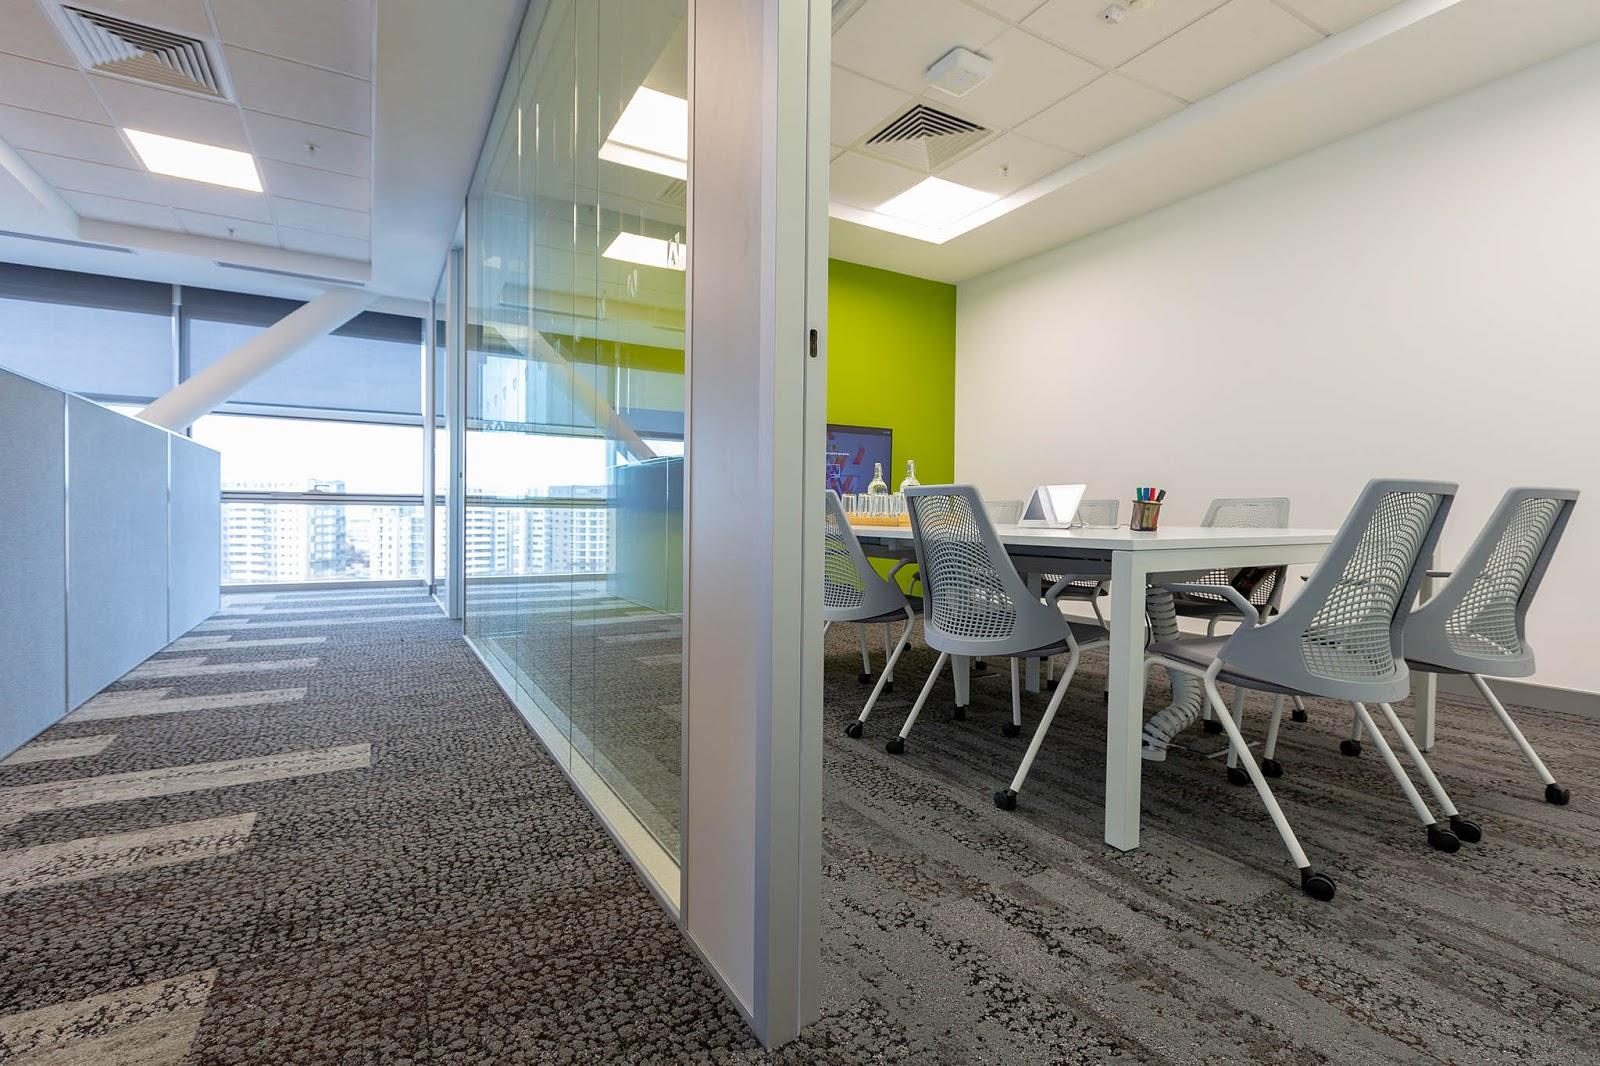 Fotografii interioare birouri